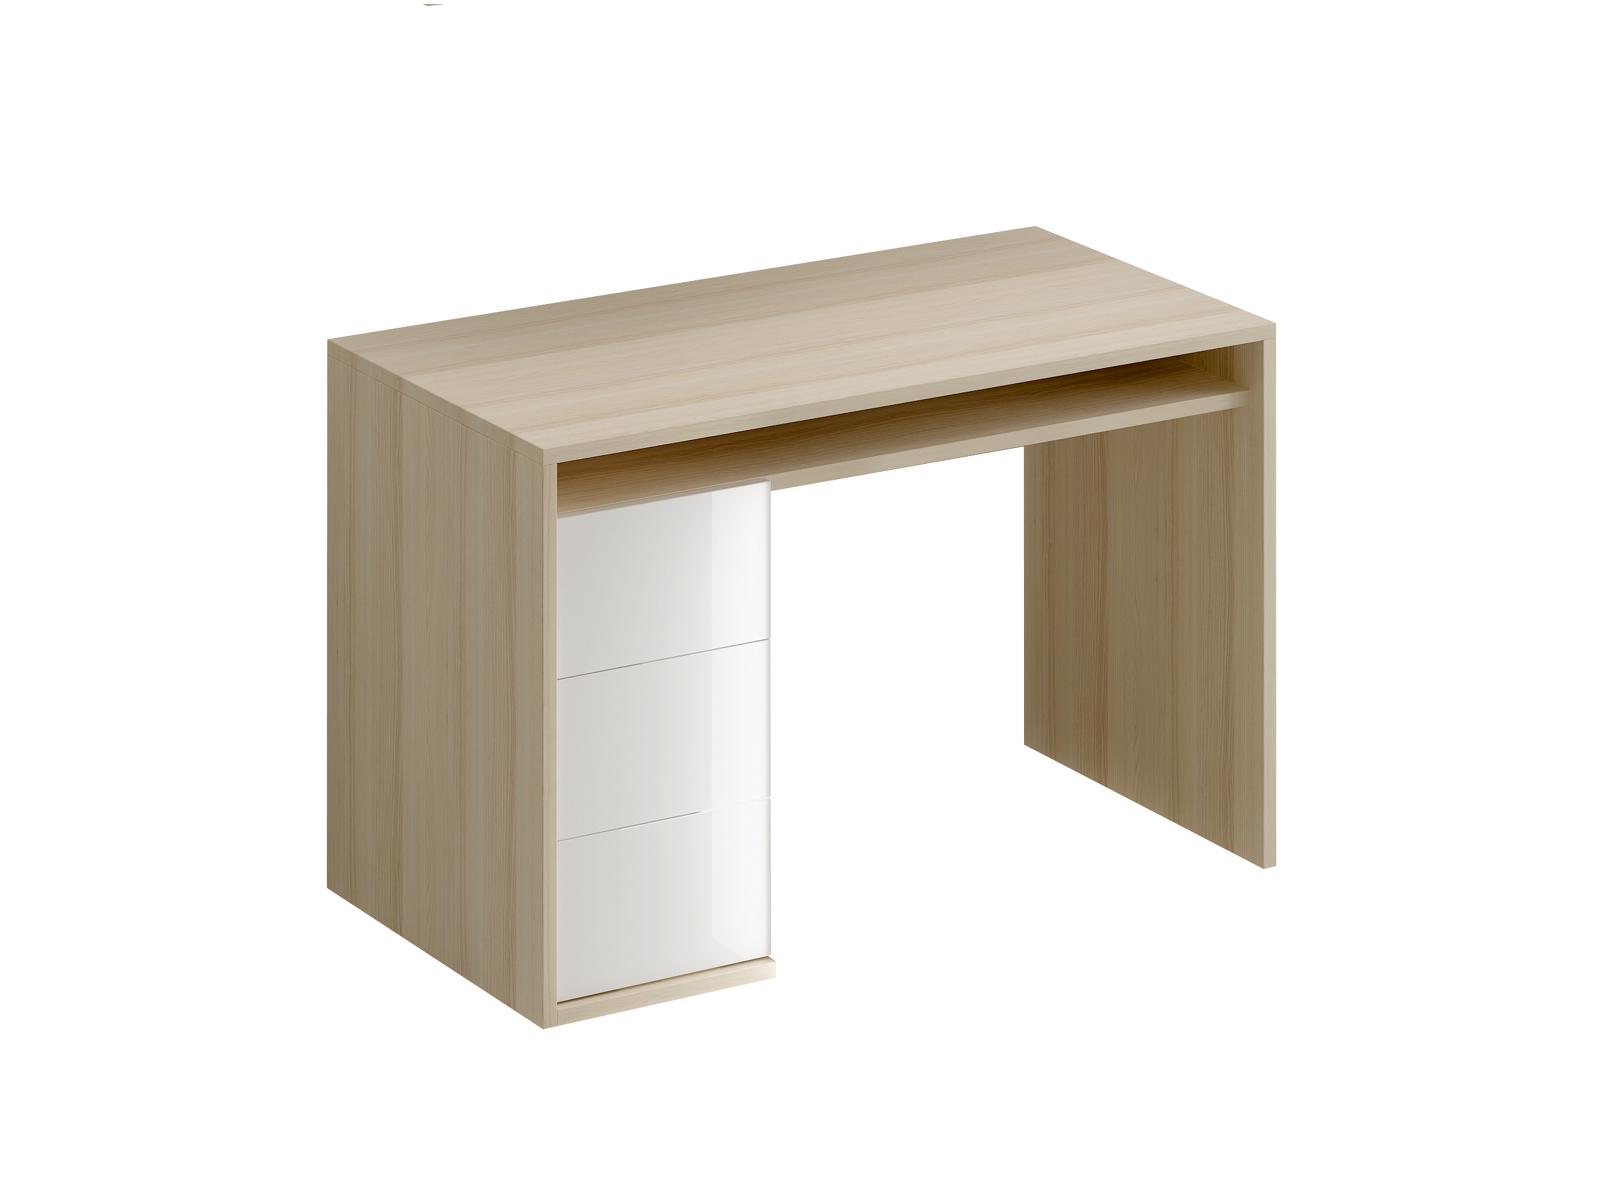 Стол письменный белый с тумбой Mix PlusСтолы<br>Стол письменный с одной тумбой. В тумбе расположено три выдвижных ящика. Под столешницей имеется ниша. В столешнице имеется отверствие для вывода кабеля<br>